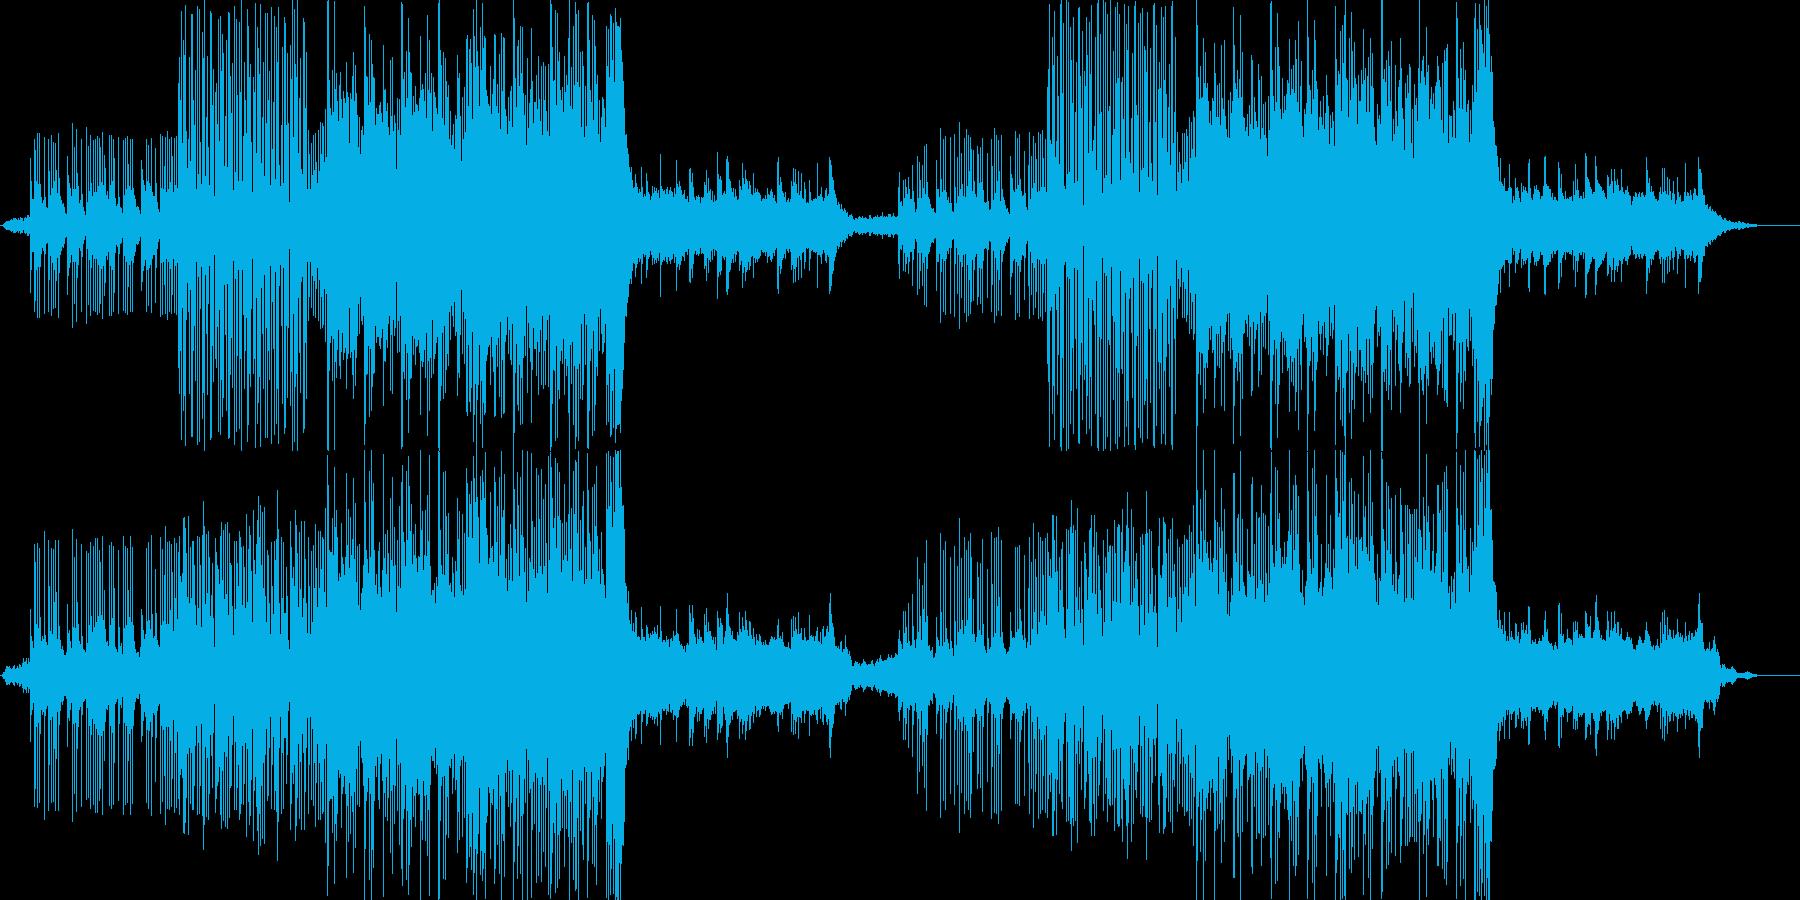 ベル音主体の謎に迫るようなミステリー系の再生済みの波形